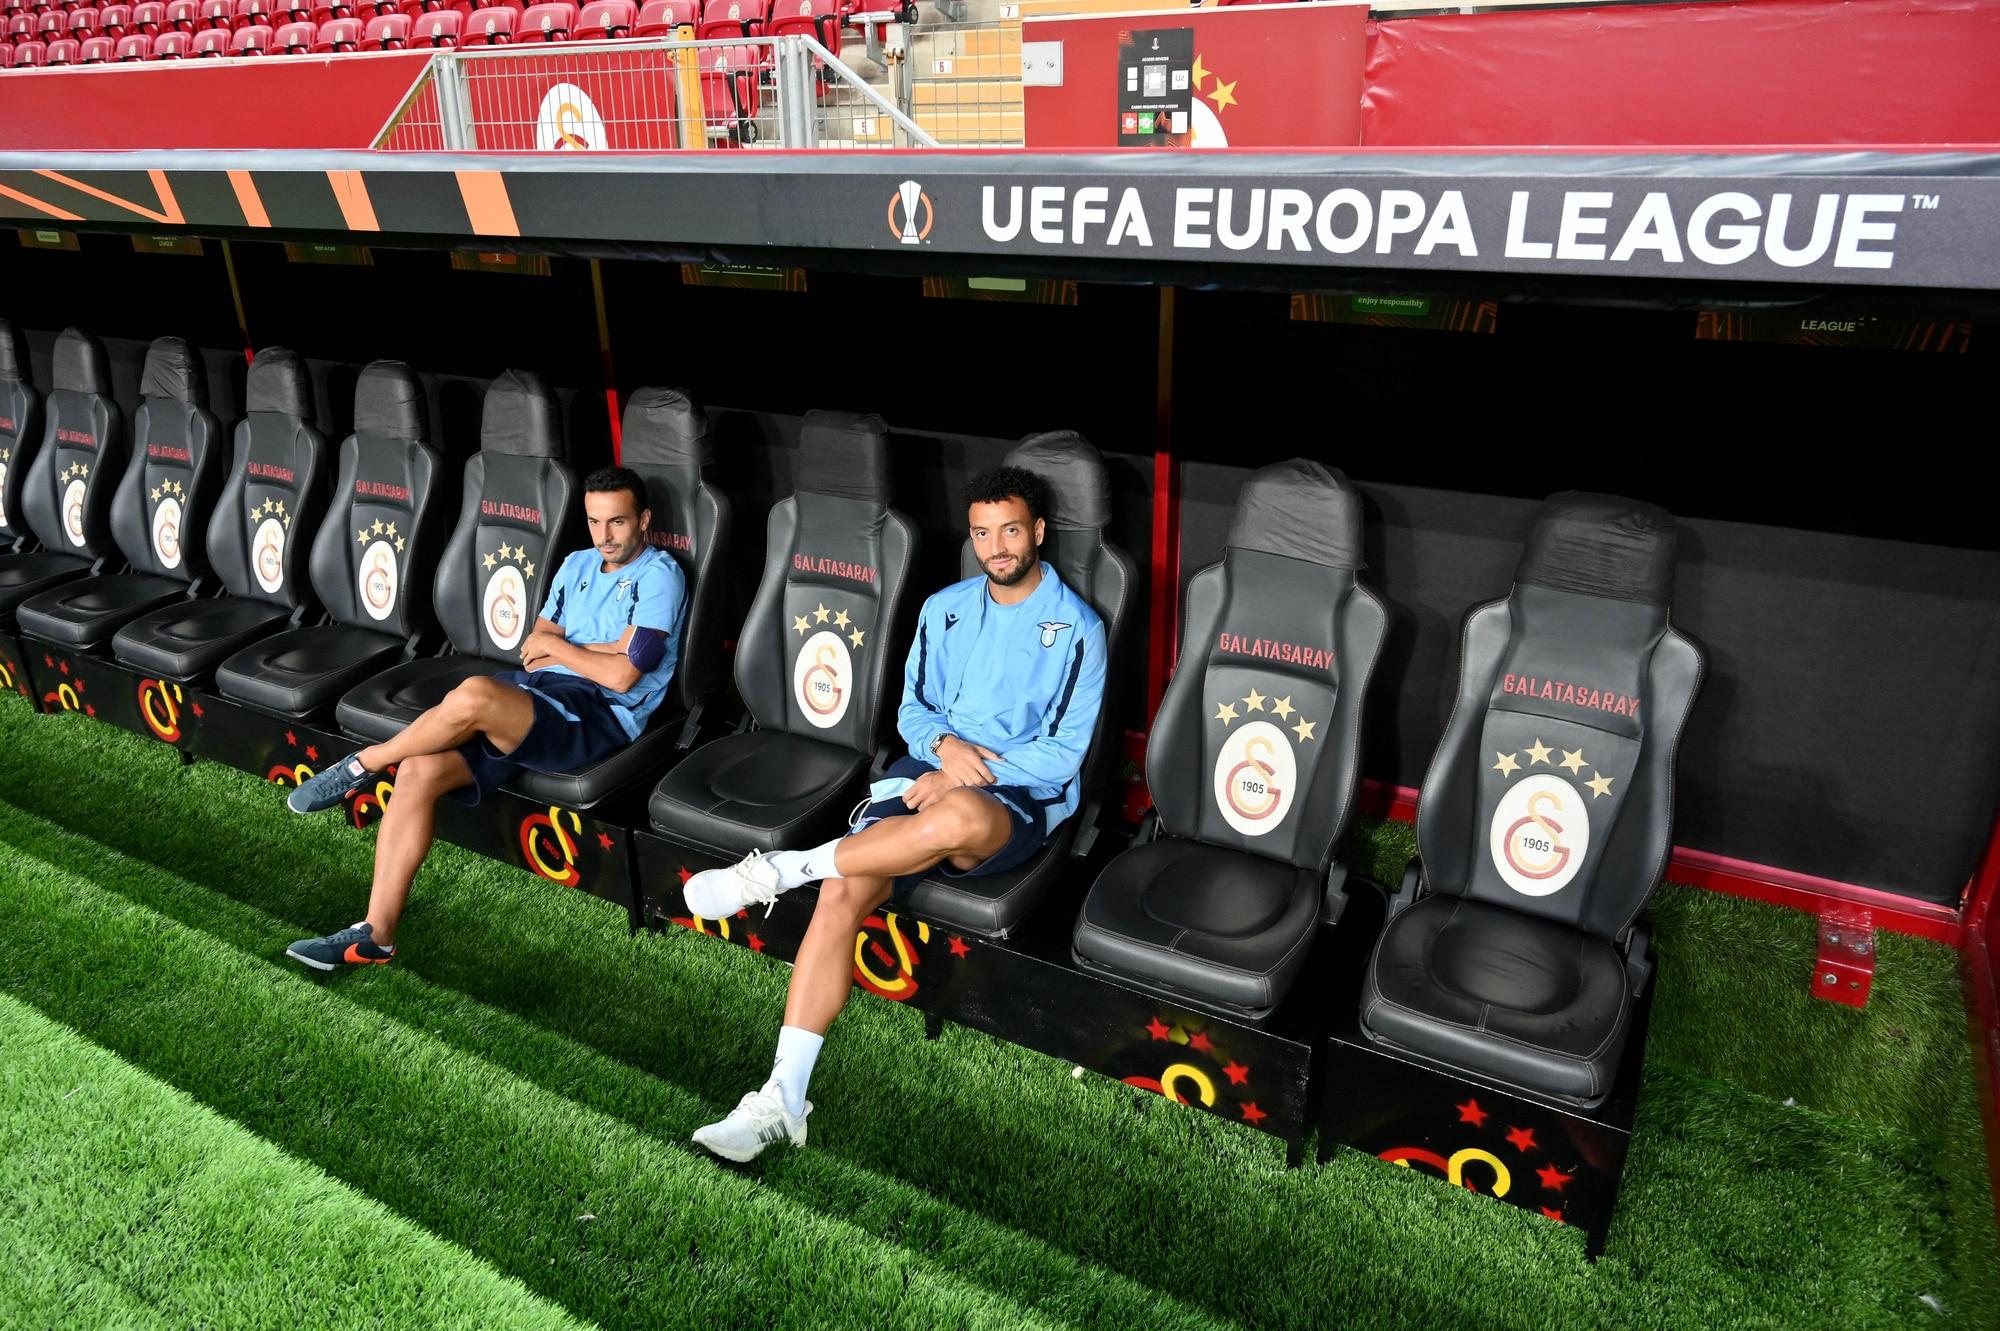 Europa League, Lazio da record per presenze